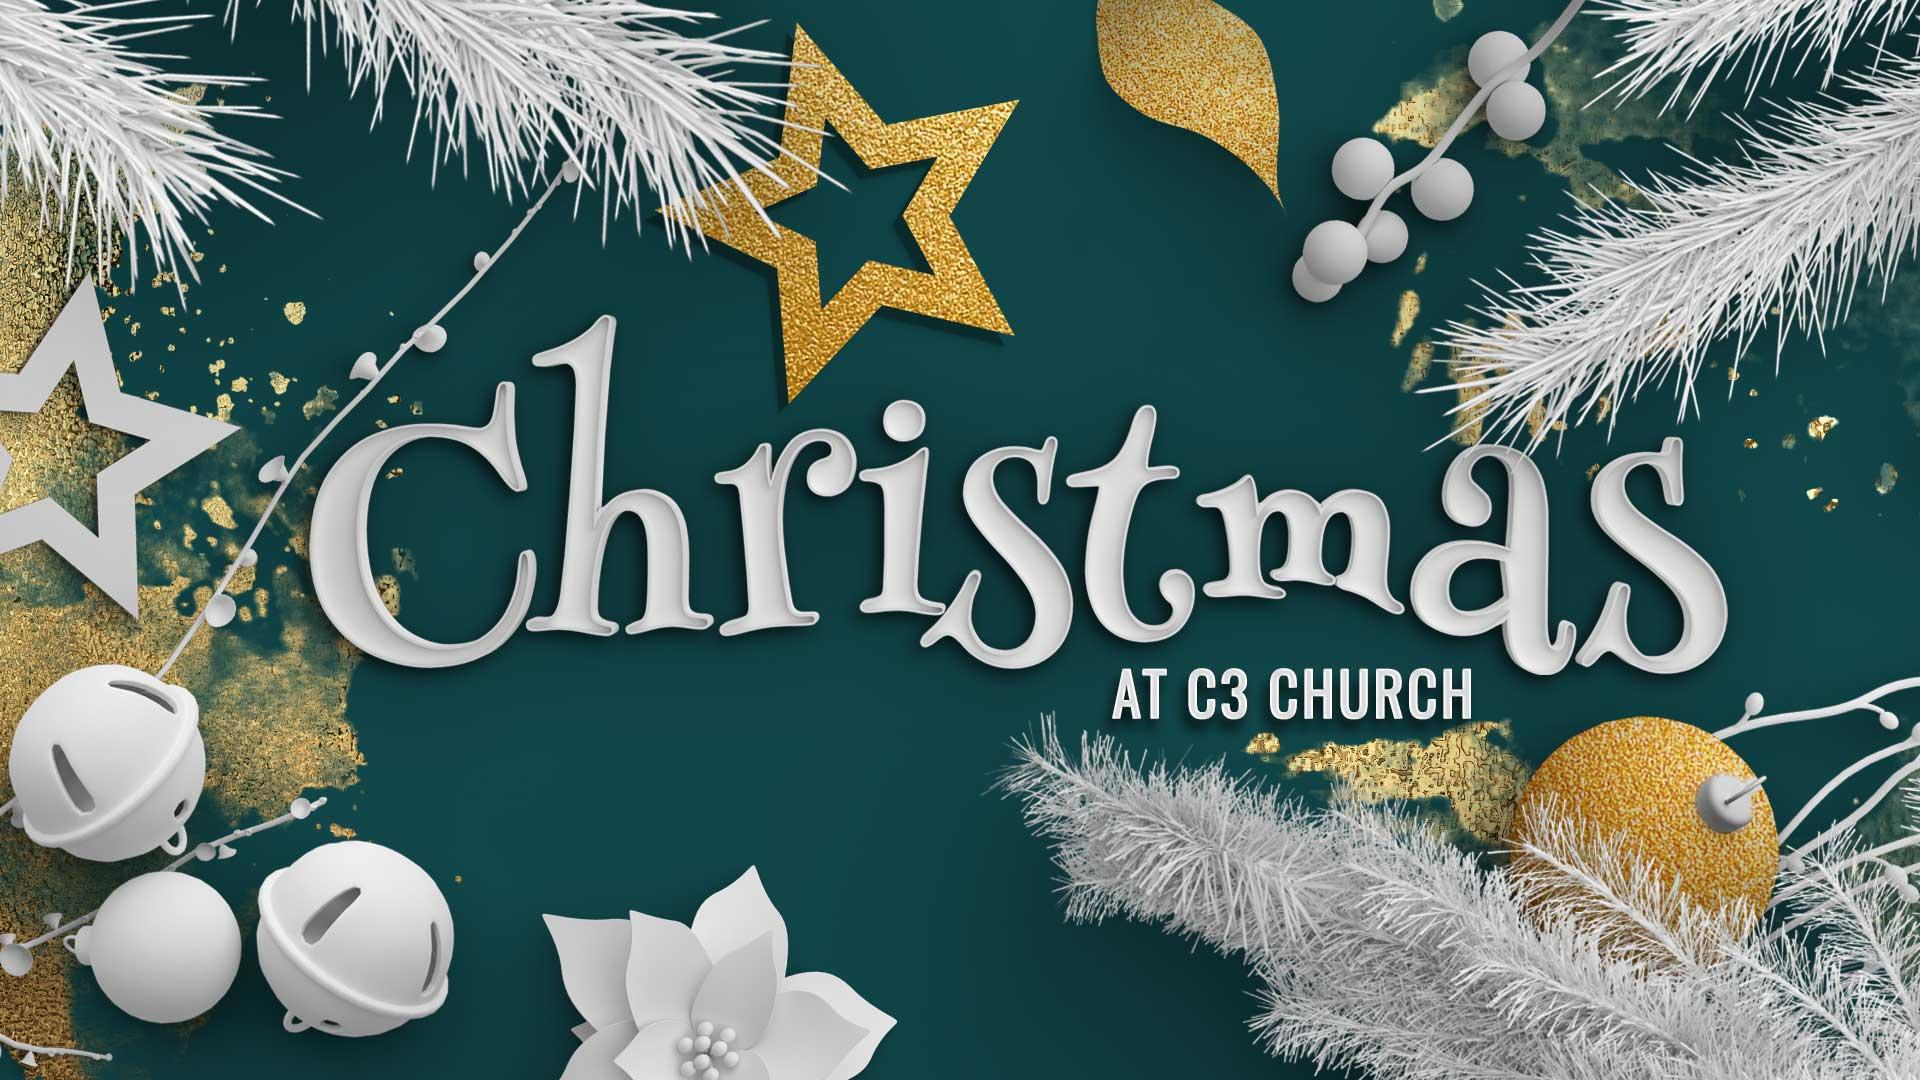 C3 Church Inner East Brisbane Christmas